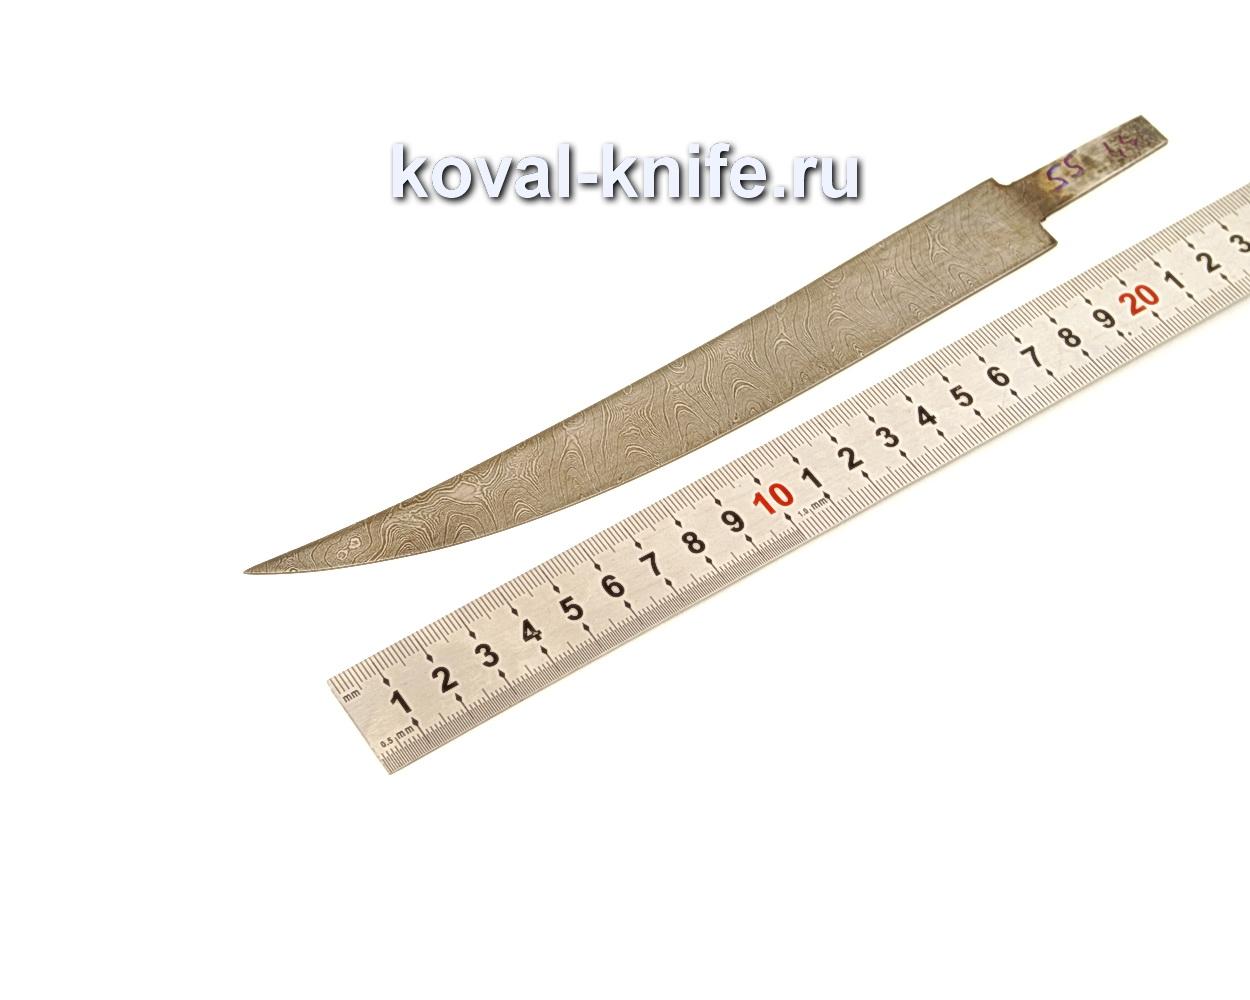 Клинок для филейного ножа из дамасской стали N55